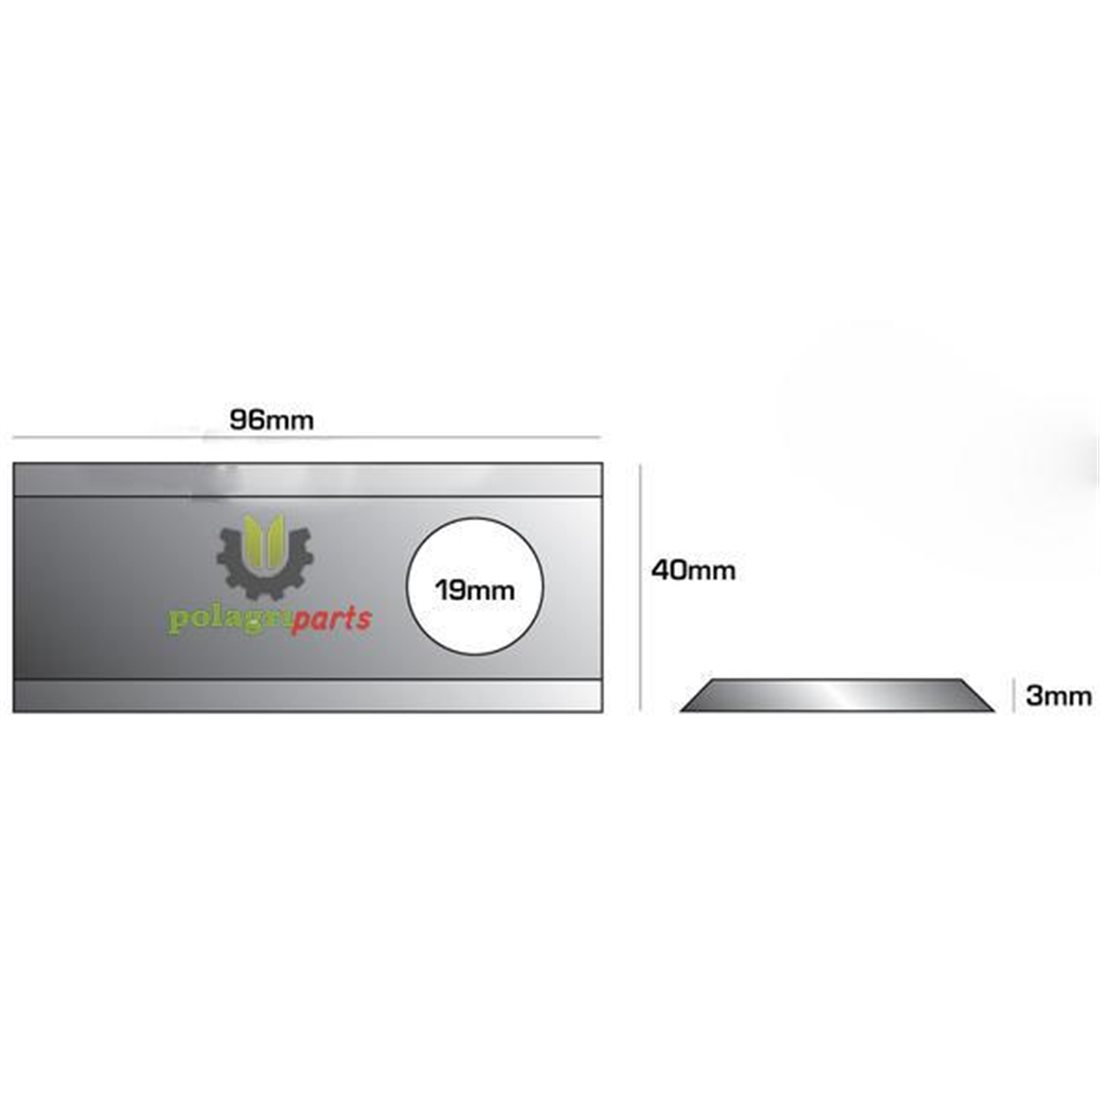 Nożyk do kosiarki rotacyjnej 96x40x3 MWS